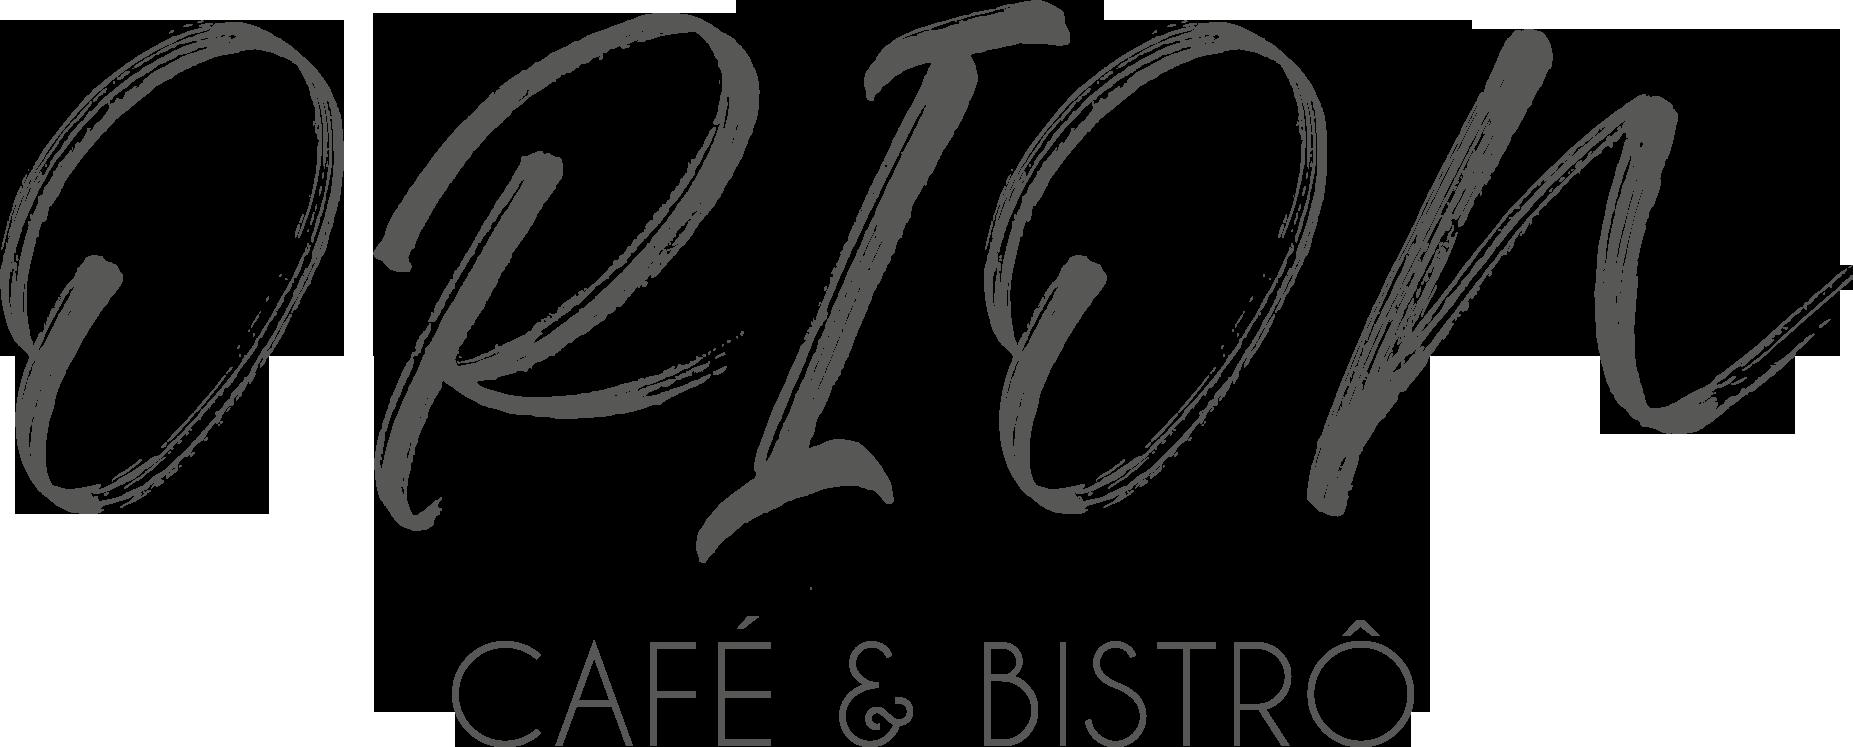 Órion Café